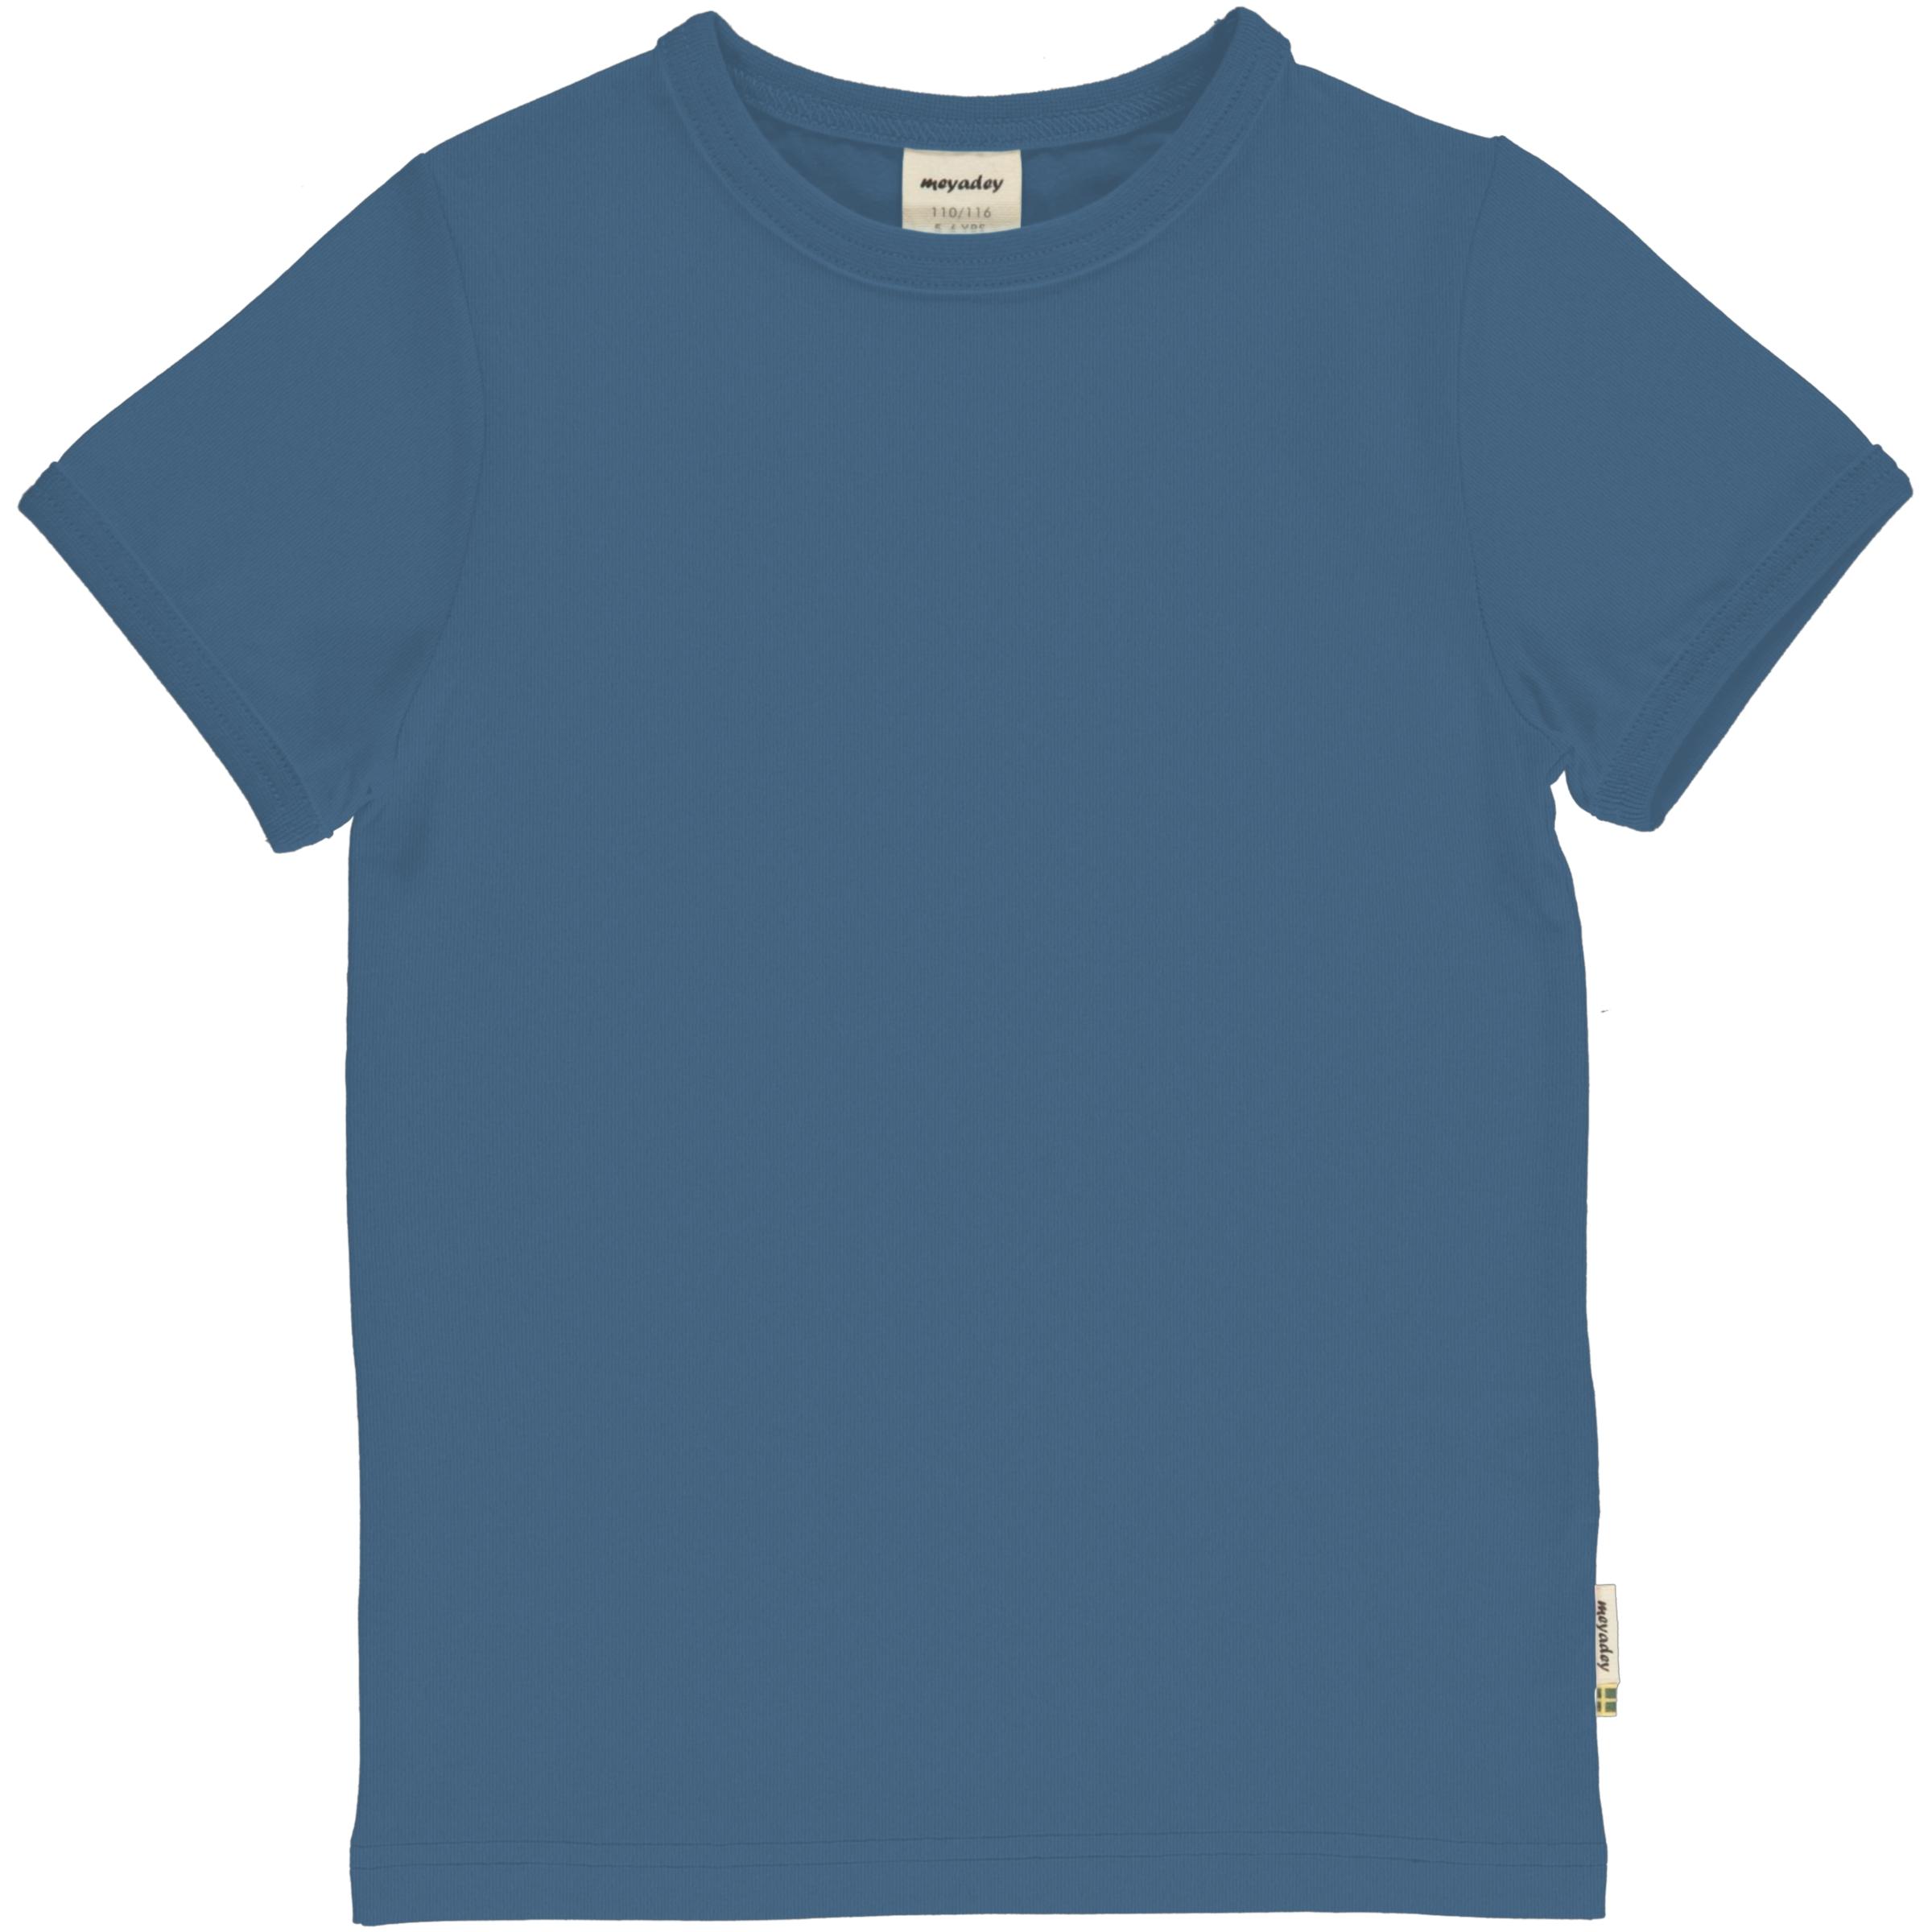 Meyadey by Maxomorra T-Shirt Solid MOONLIGHT BLUE 110/116